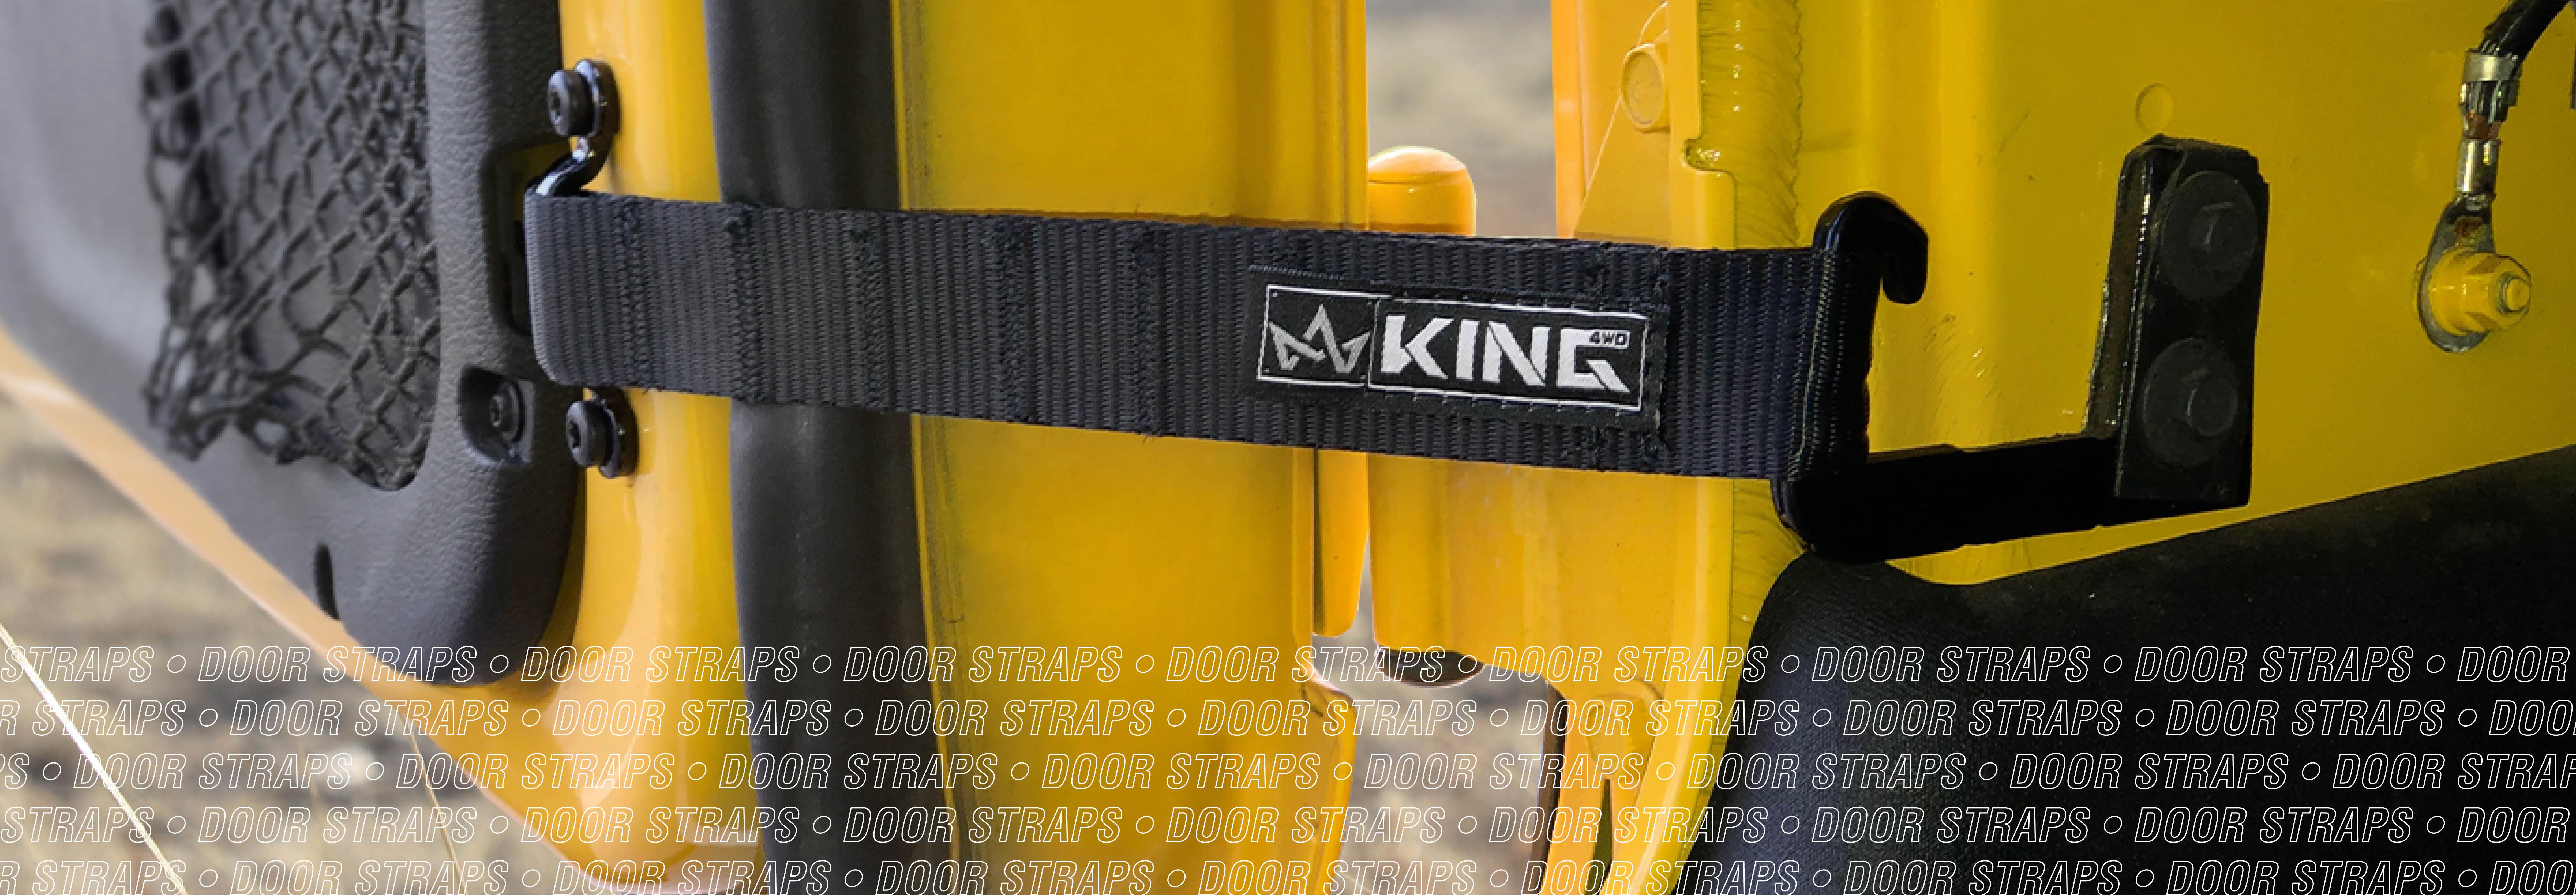 door-straps-header2.jpg